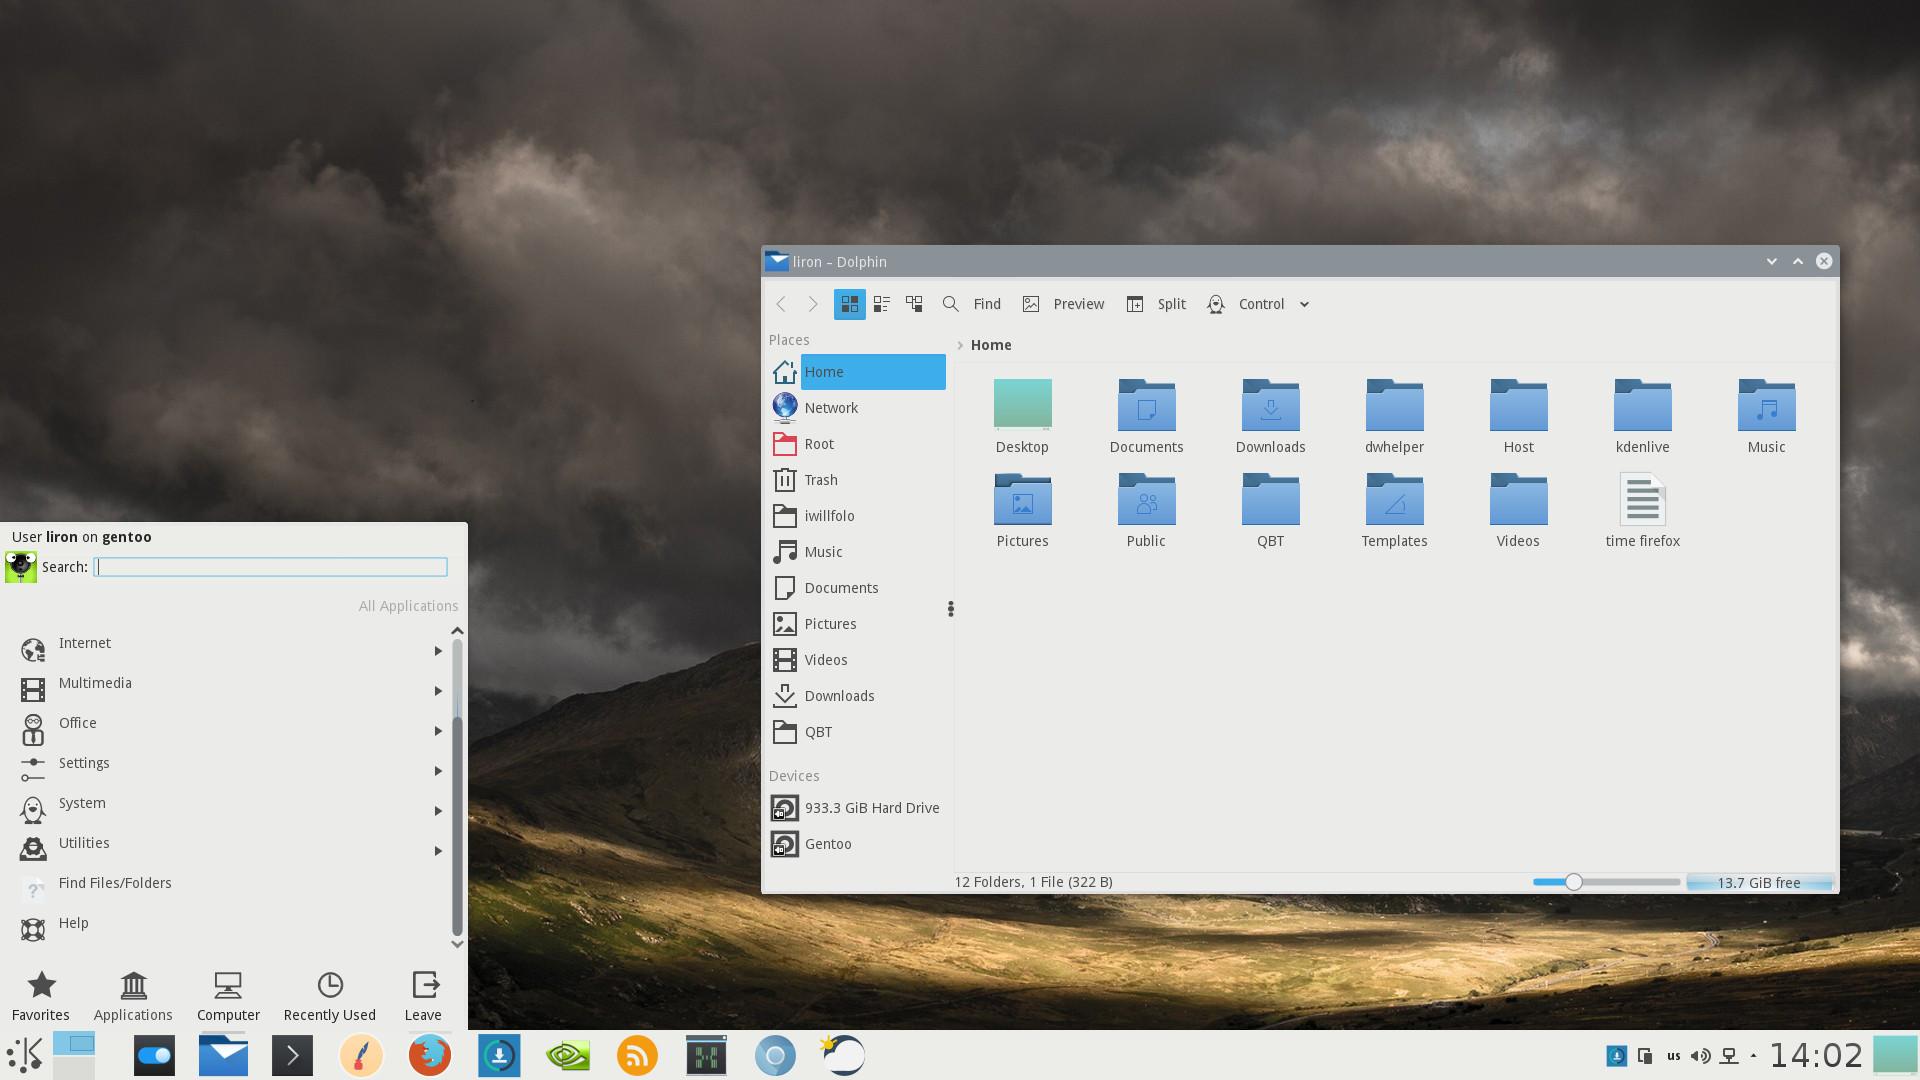 KDE 4 Plasma 5 looks